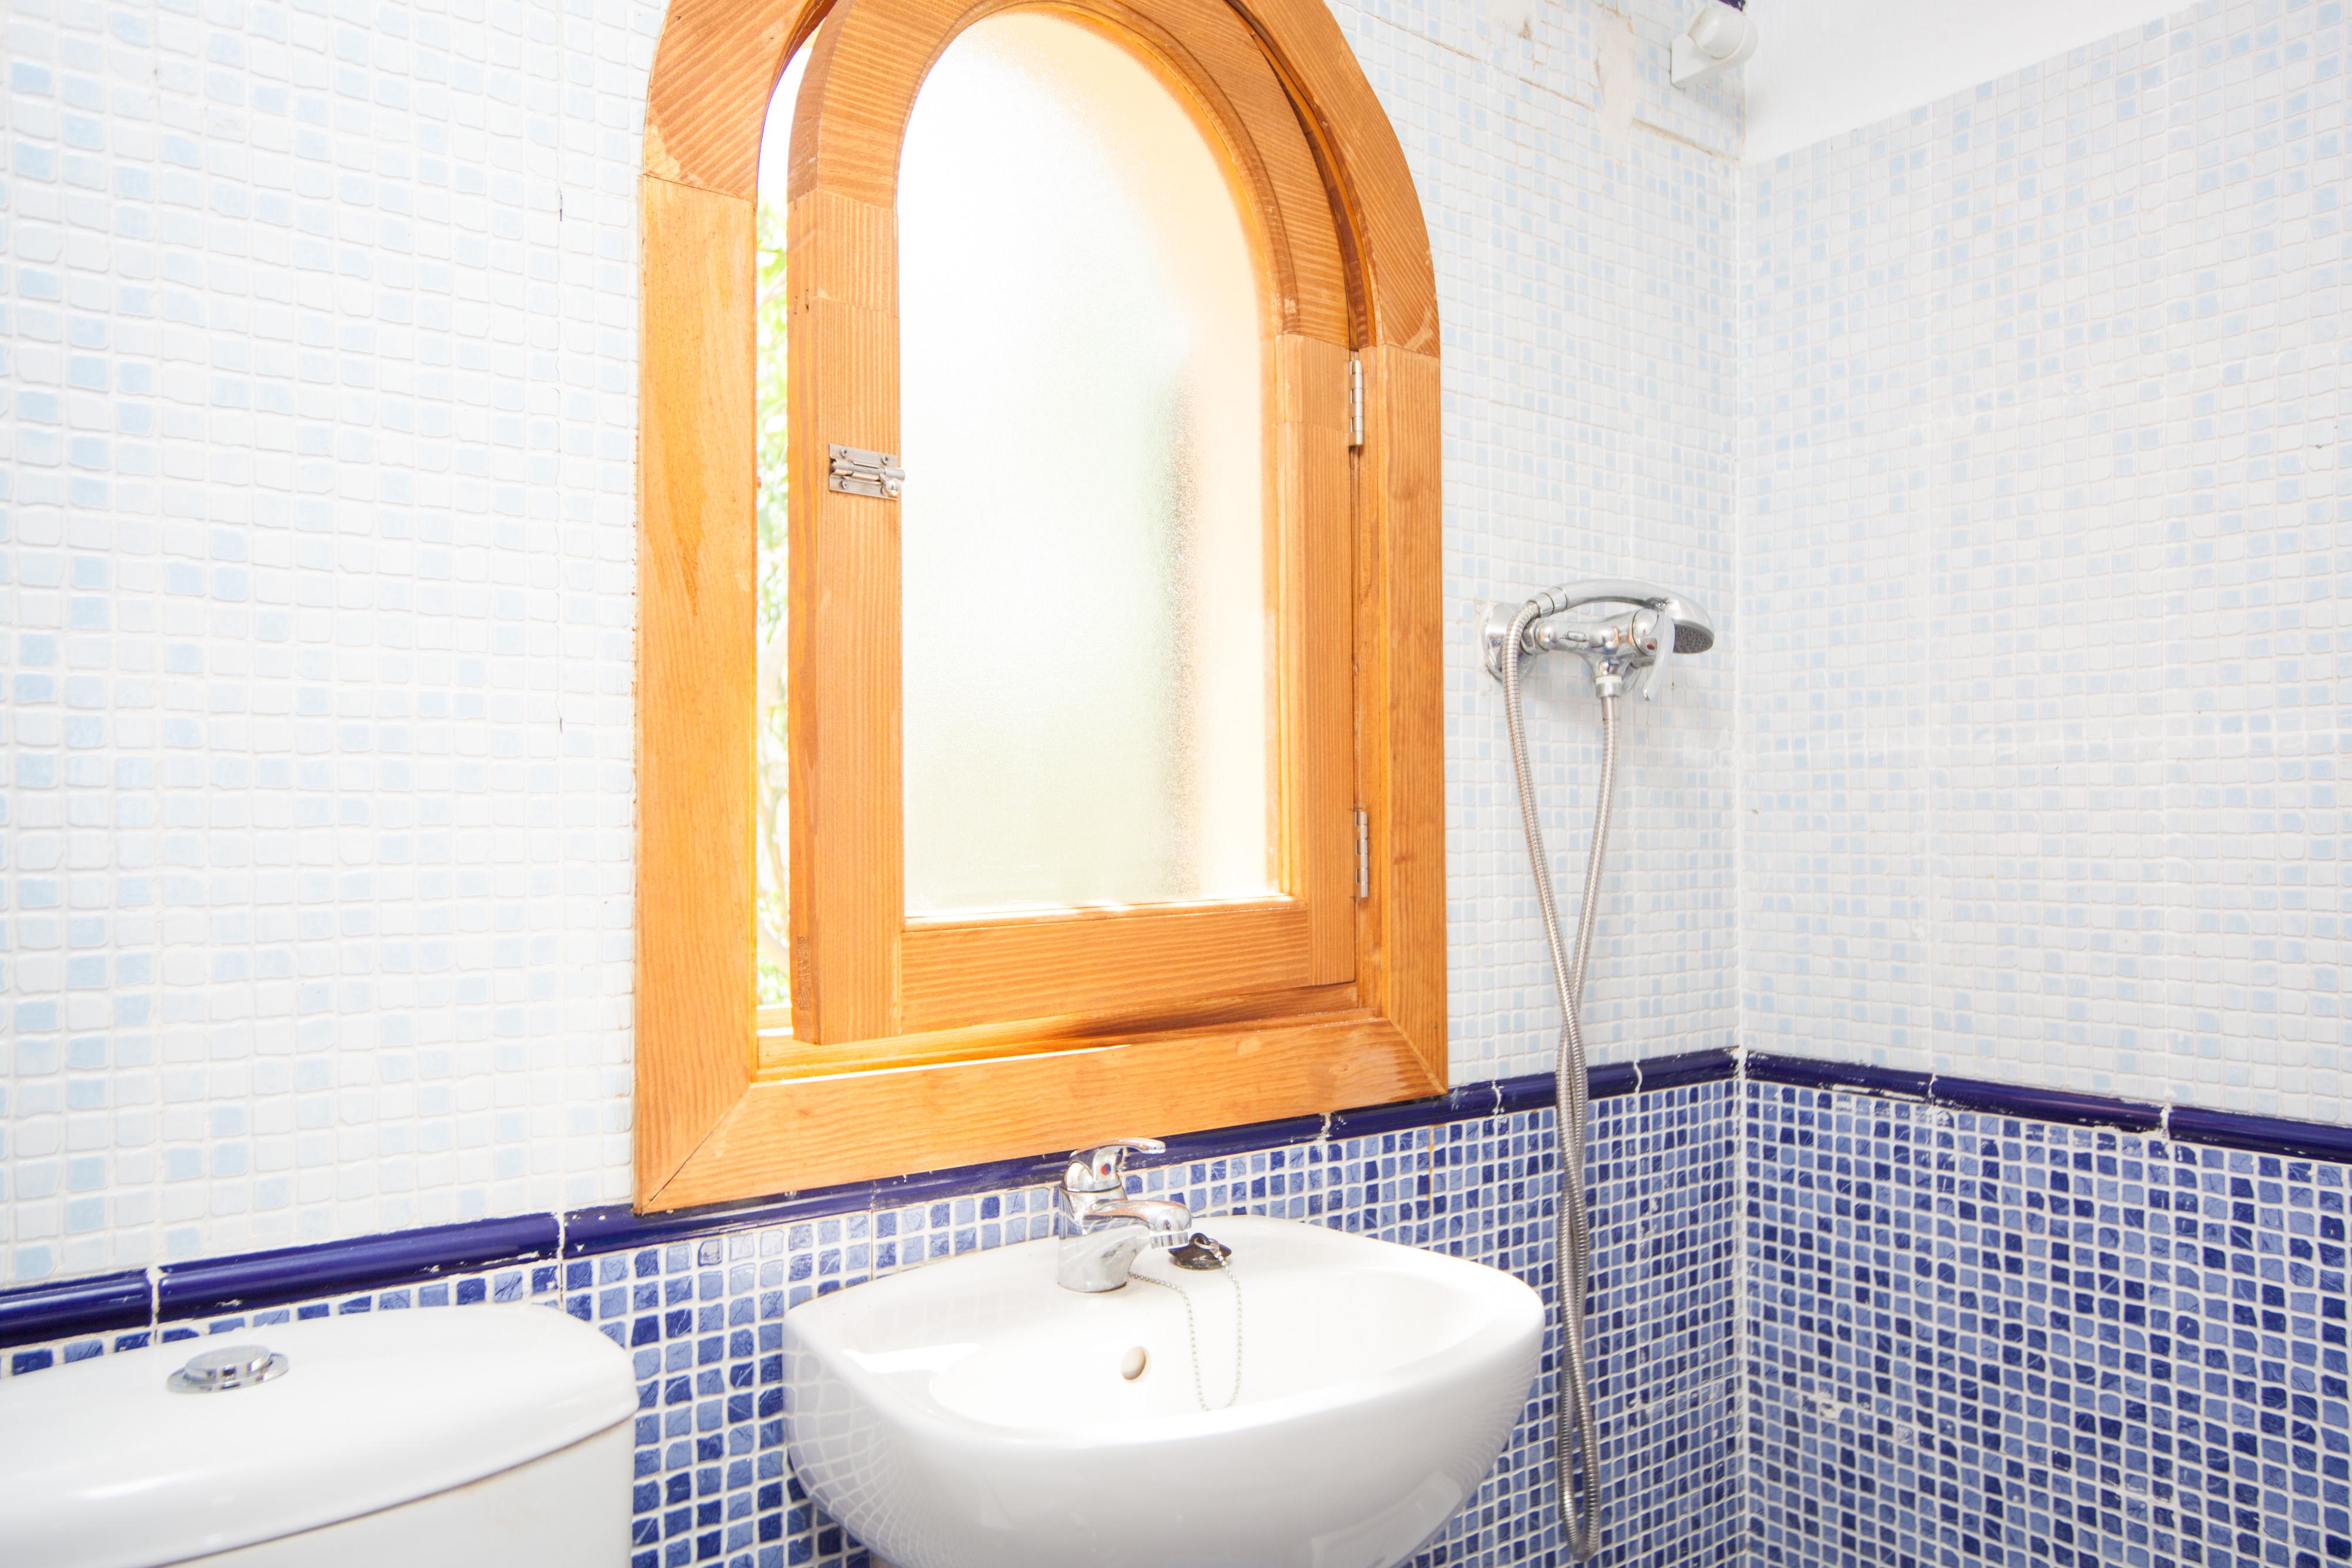 Ferienhaus SA BARQUETA (2177991), Colonia de Sant Pere, Mallorca, Balearische Inseln, Spanien, Bild 17